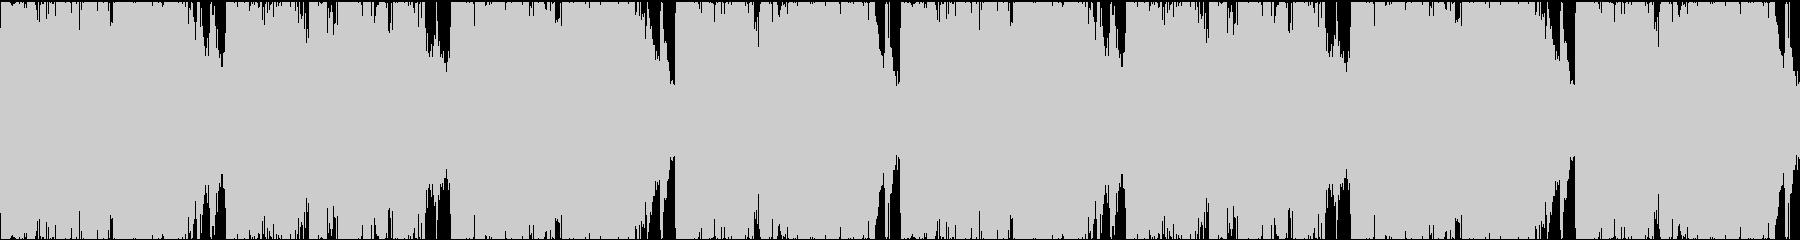 明るいBGMループの未再生の波形